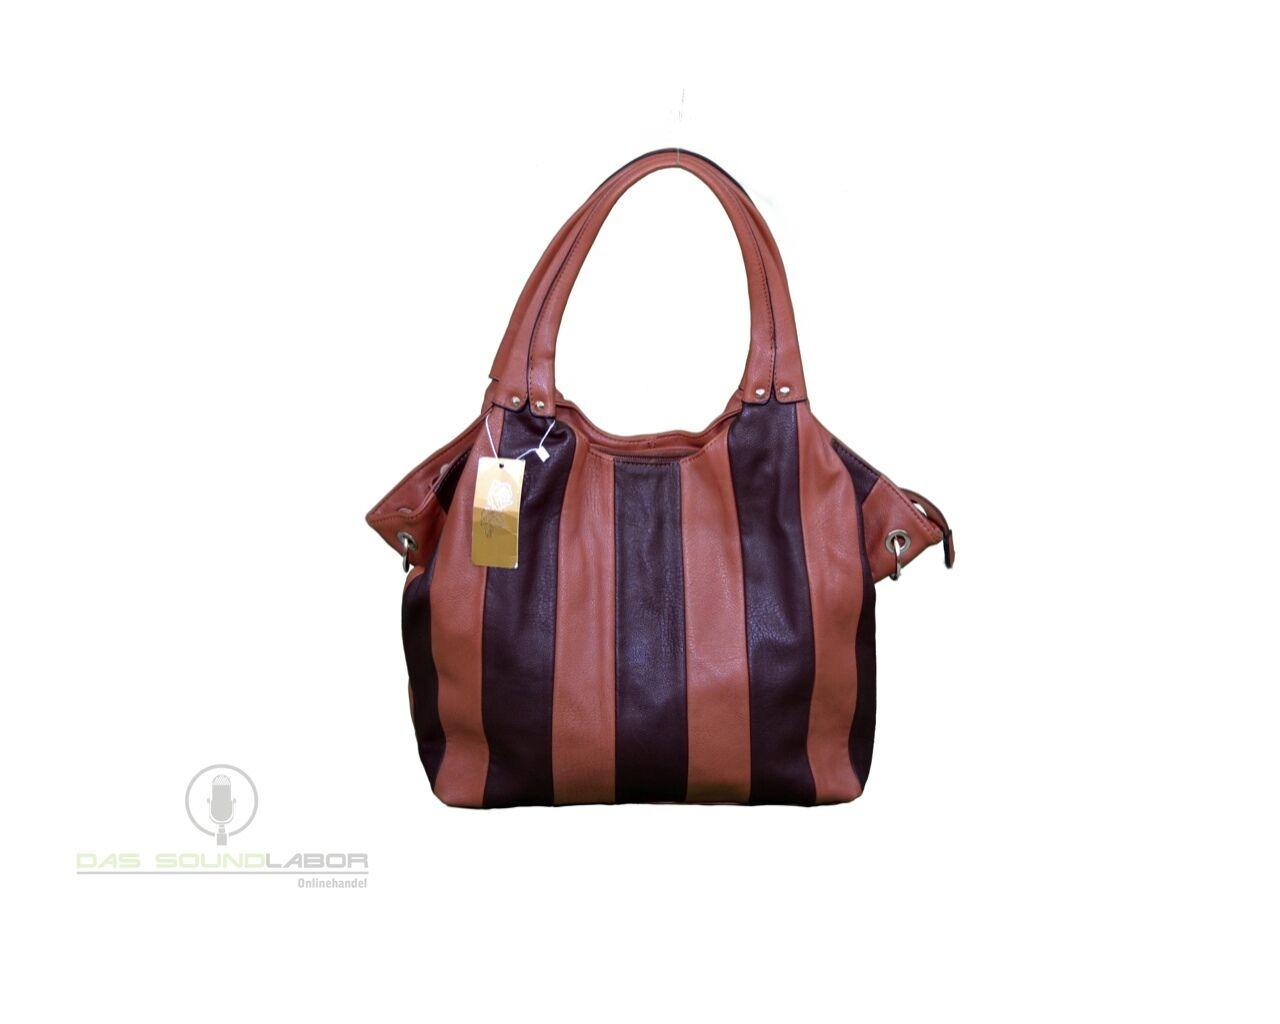 b44c2725d75c5 Damen FASHION FASHION FASHION Designer Ledertasche Handtasche Tasche  Tragetasche braun NEU 4652f6